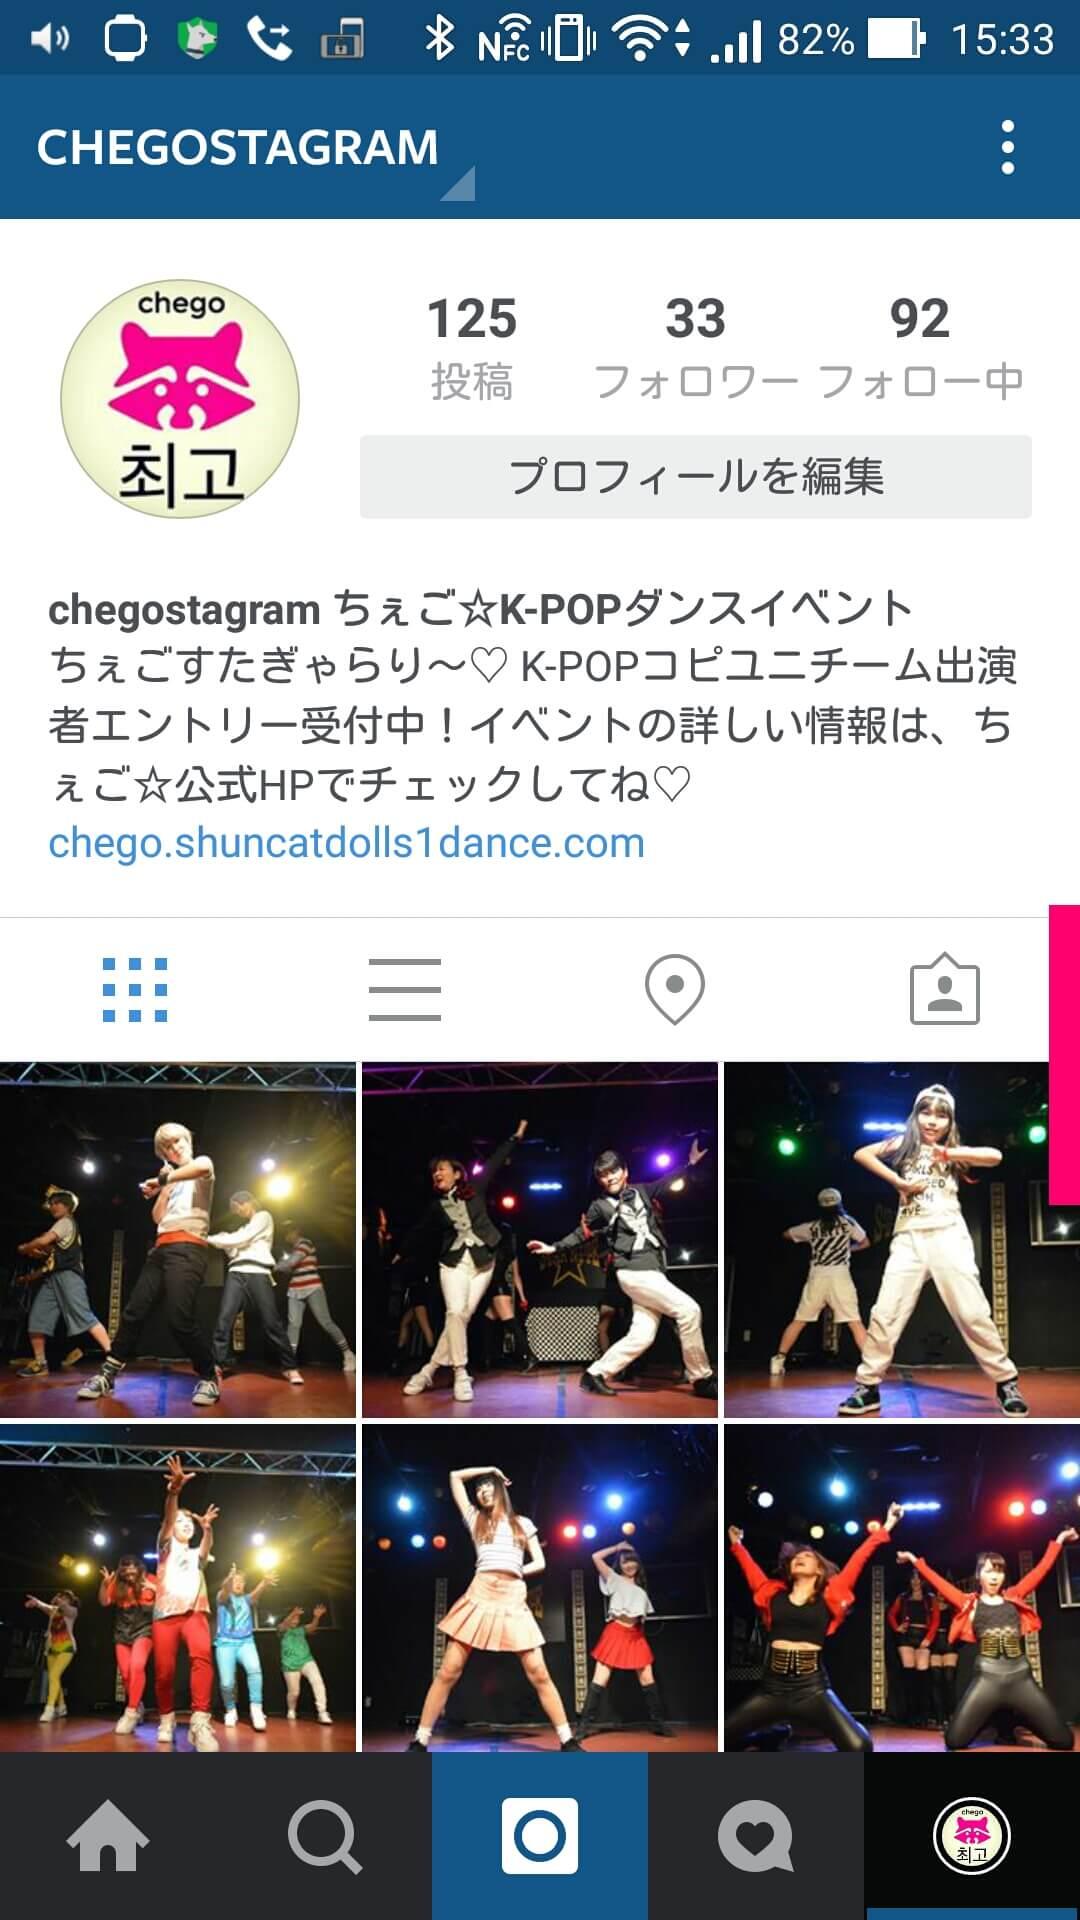 ちぇごすたぐらむ K-POPダンスイベント 東京